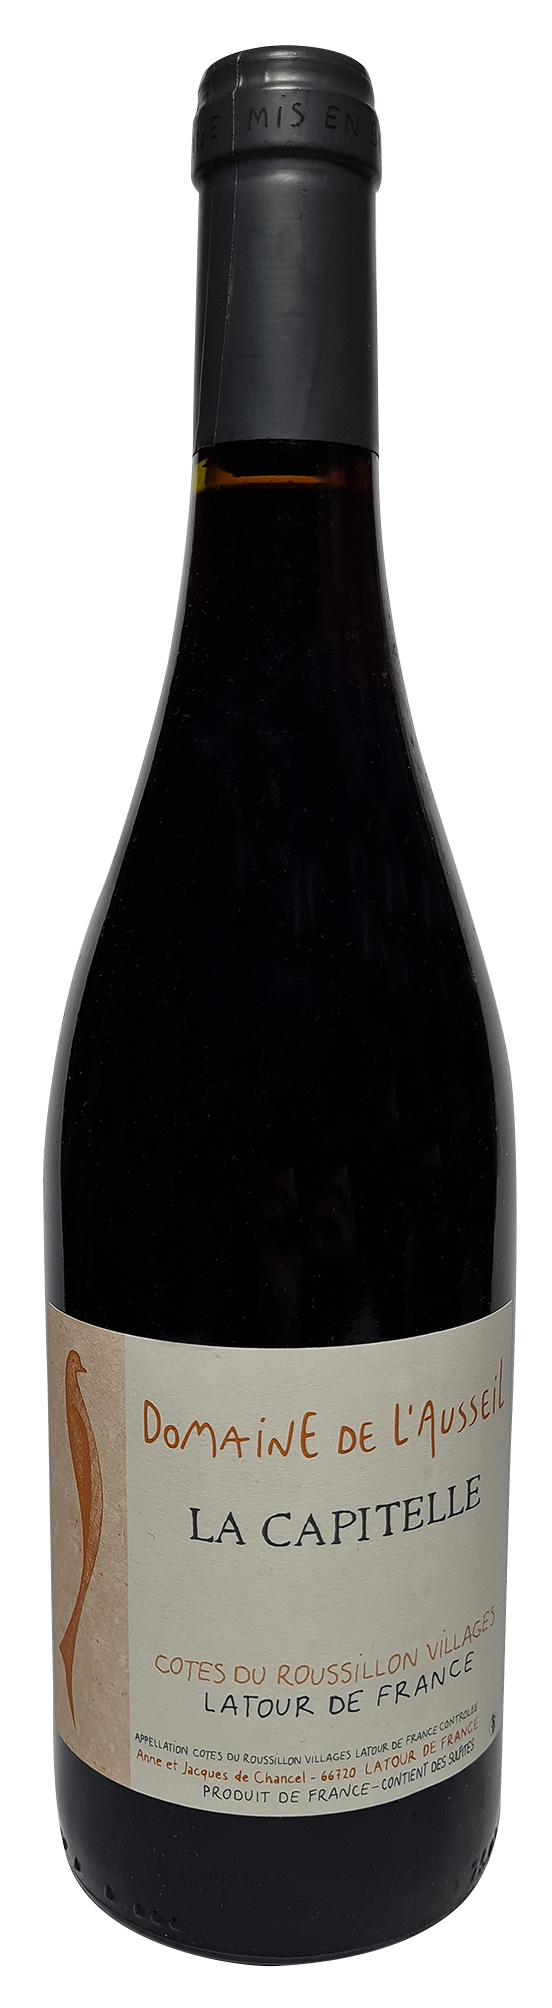 Bouteille de vin rouge naturel, La Capitelle 2015, Domaine de L'Ausseil